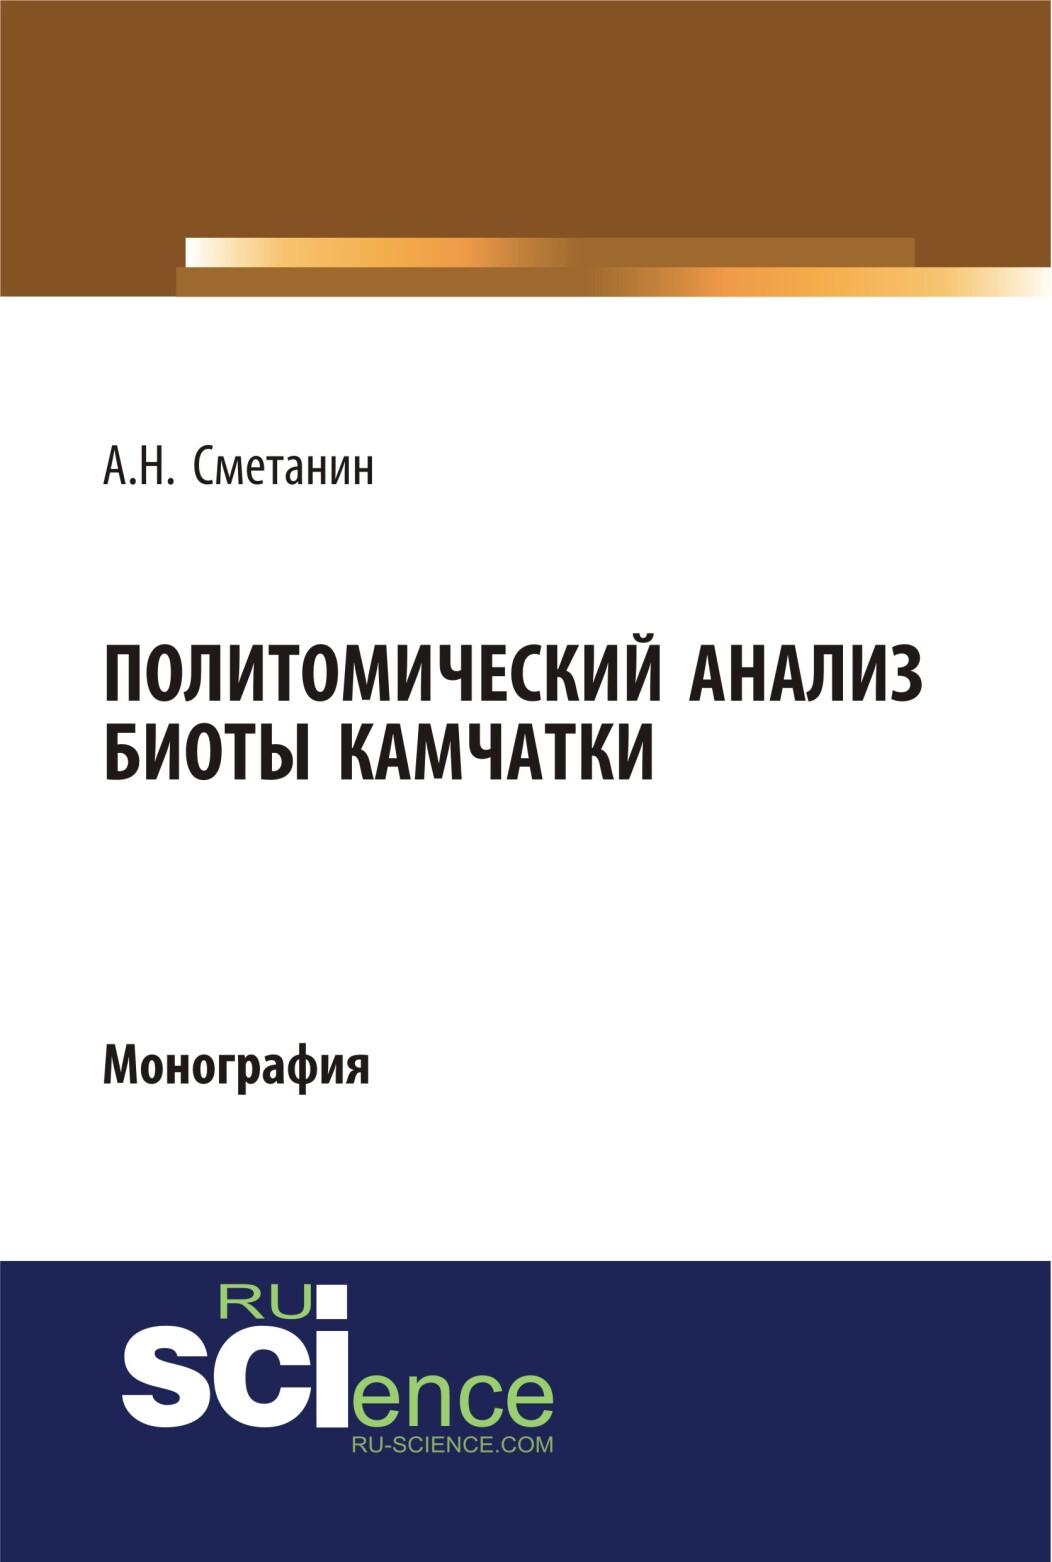 Политомический анализ биоты Камчатки